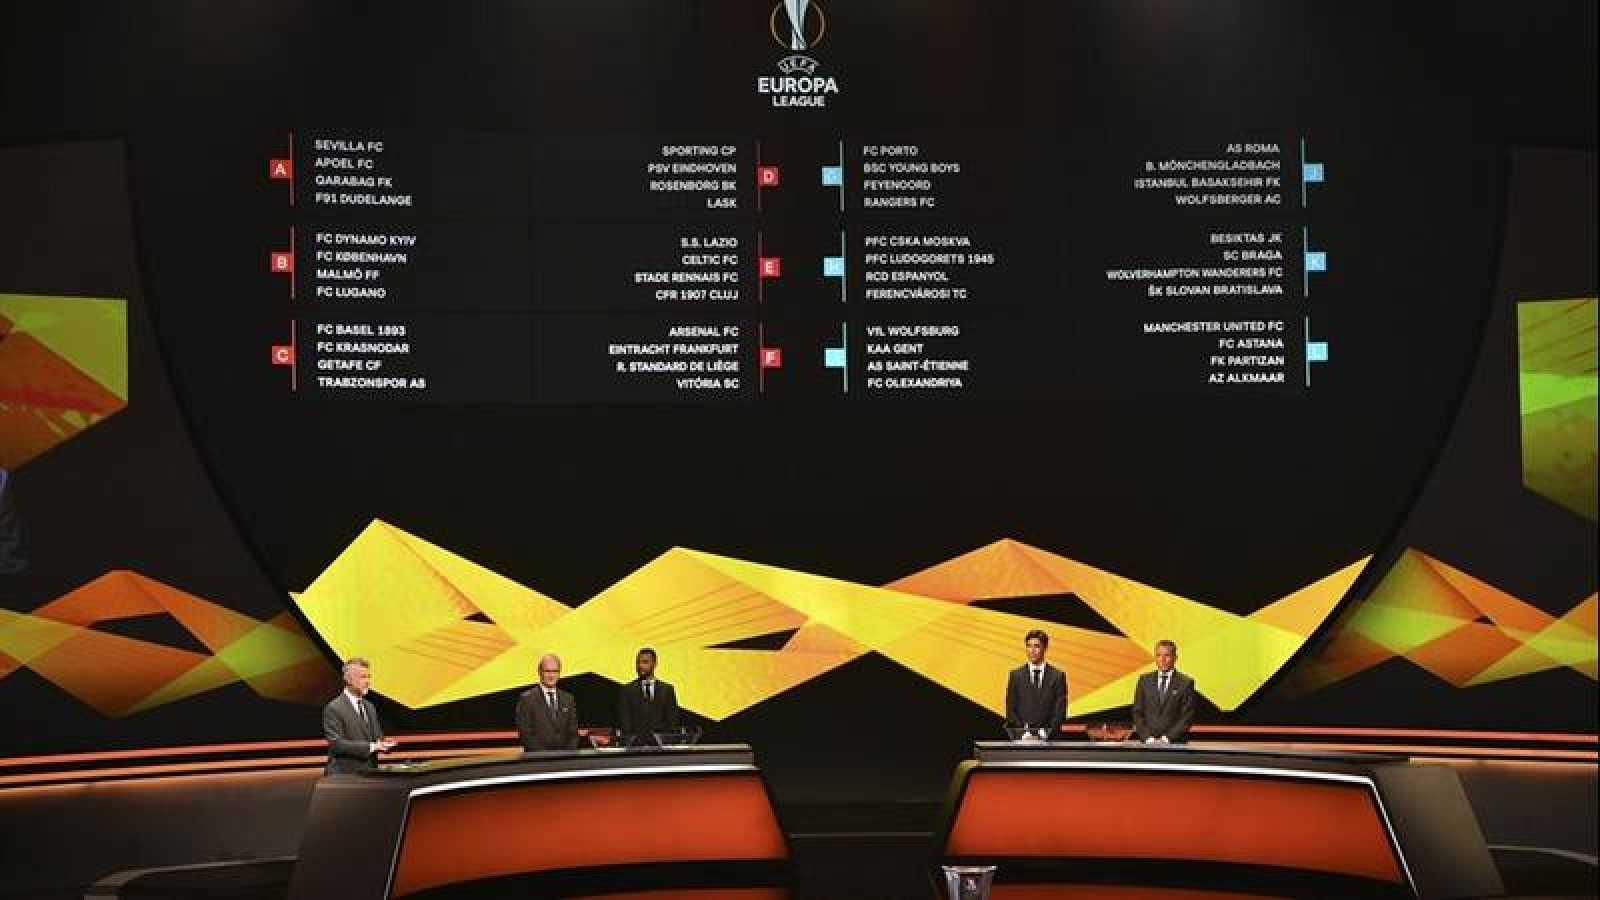 Europa League: Imagen del sorteo celebrado este viernes en Mónaco